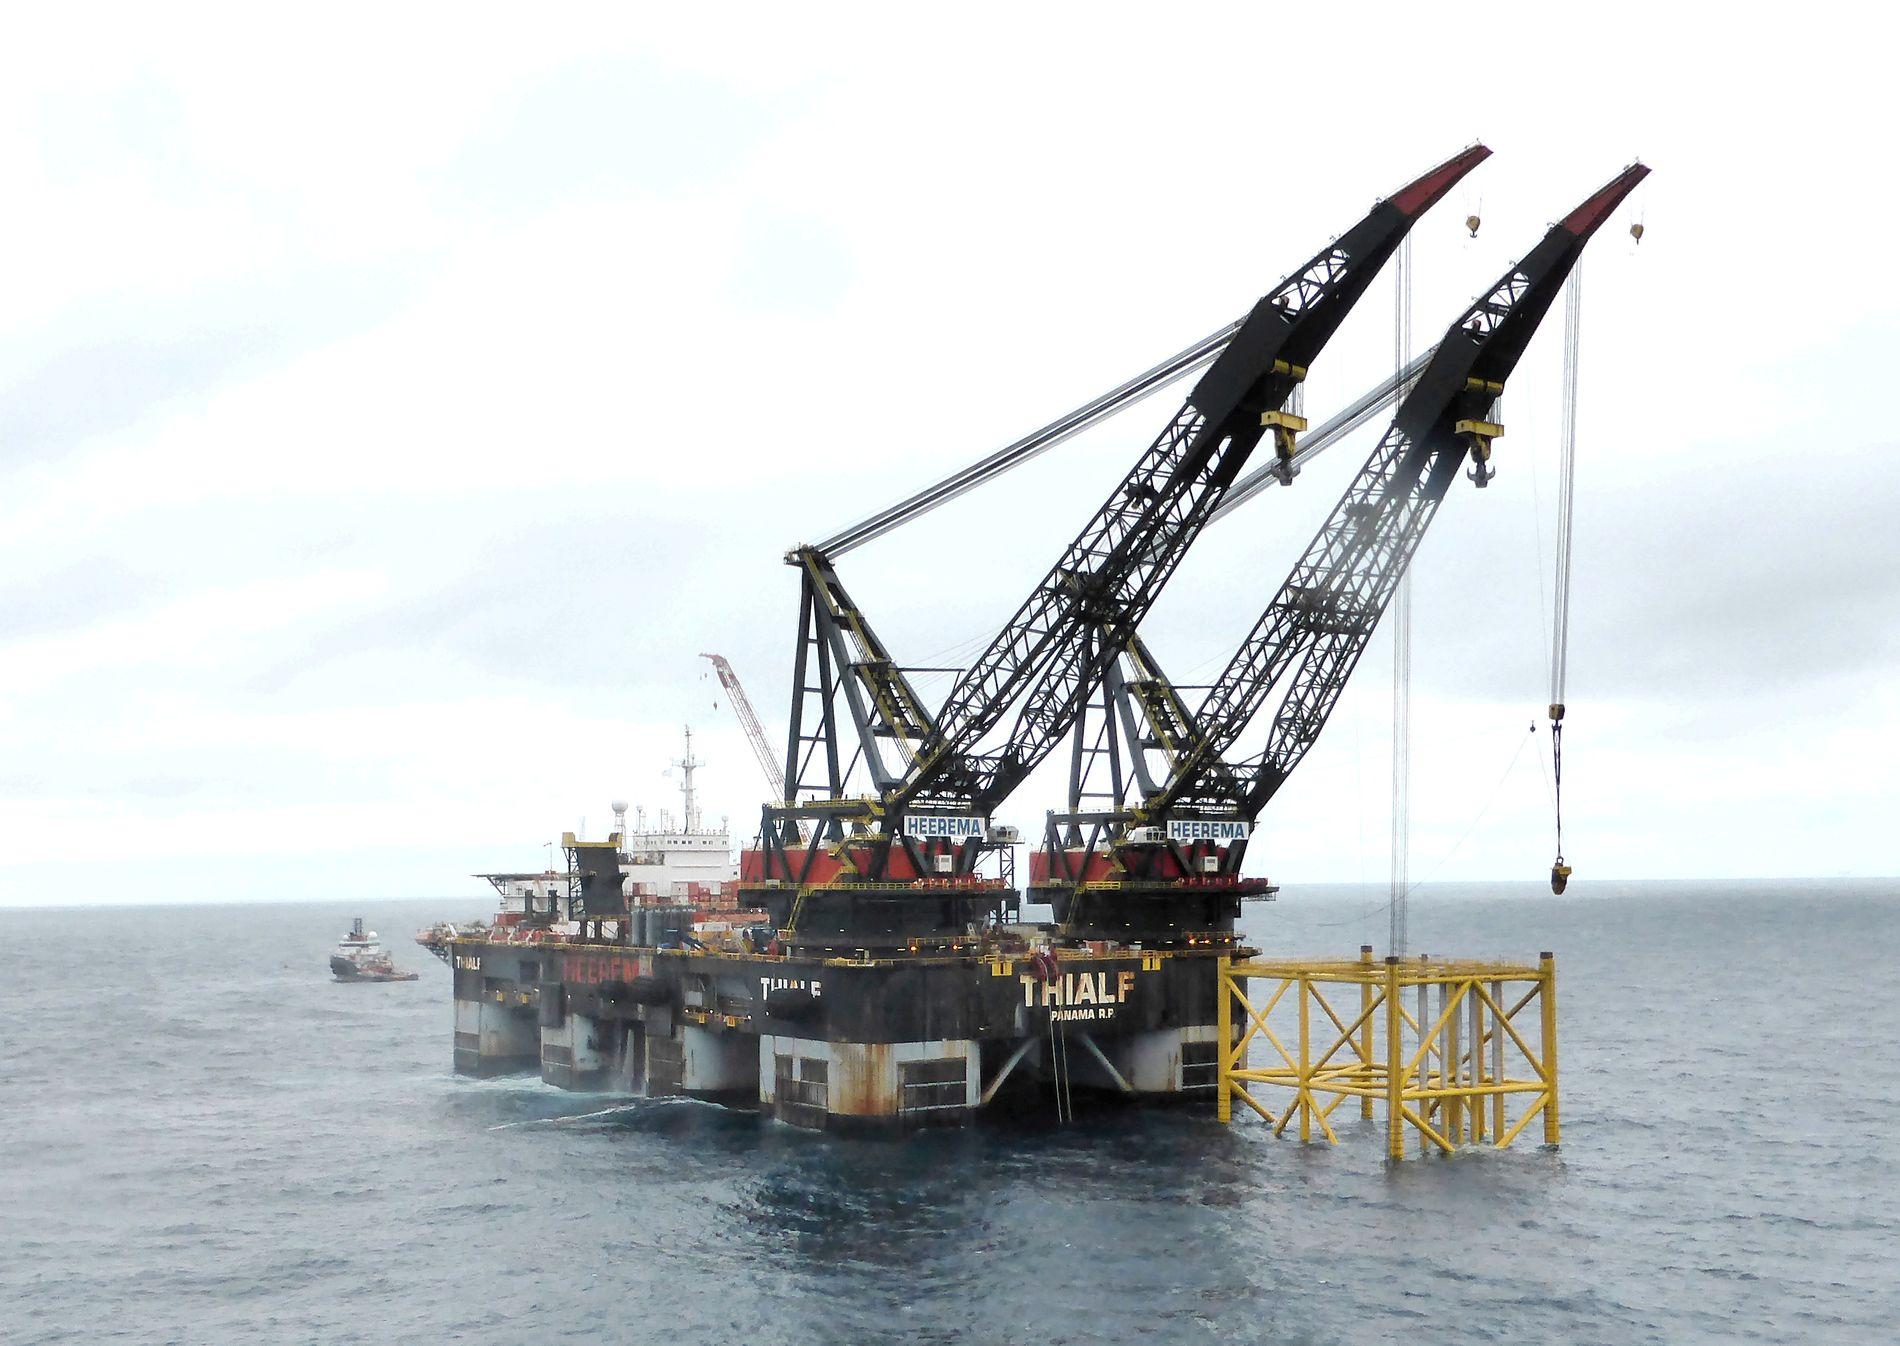 ARBEIDSGIVER: Over 200.000 mennesker jobber direkte eller i nær tilknytning til olje- og gassektoren i Norge, skriver innsenderne. Bildet er fra installasjonen av en ny oljeplattform på Johan Sverdrup-feltet i Nordsjøen, 140 km vest av Stavanger.